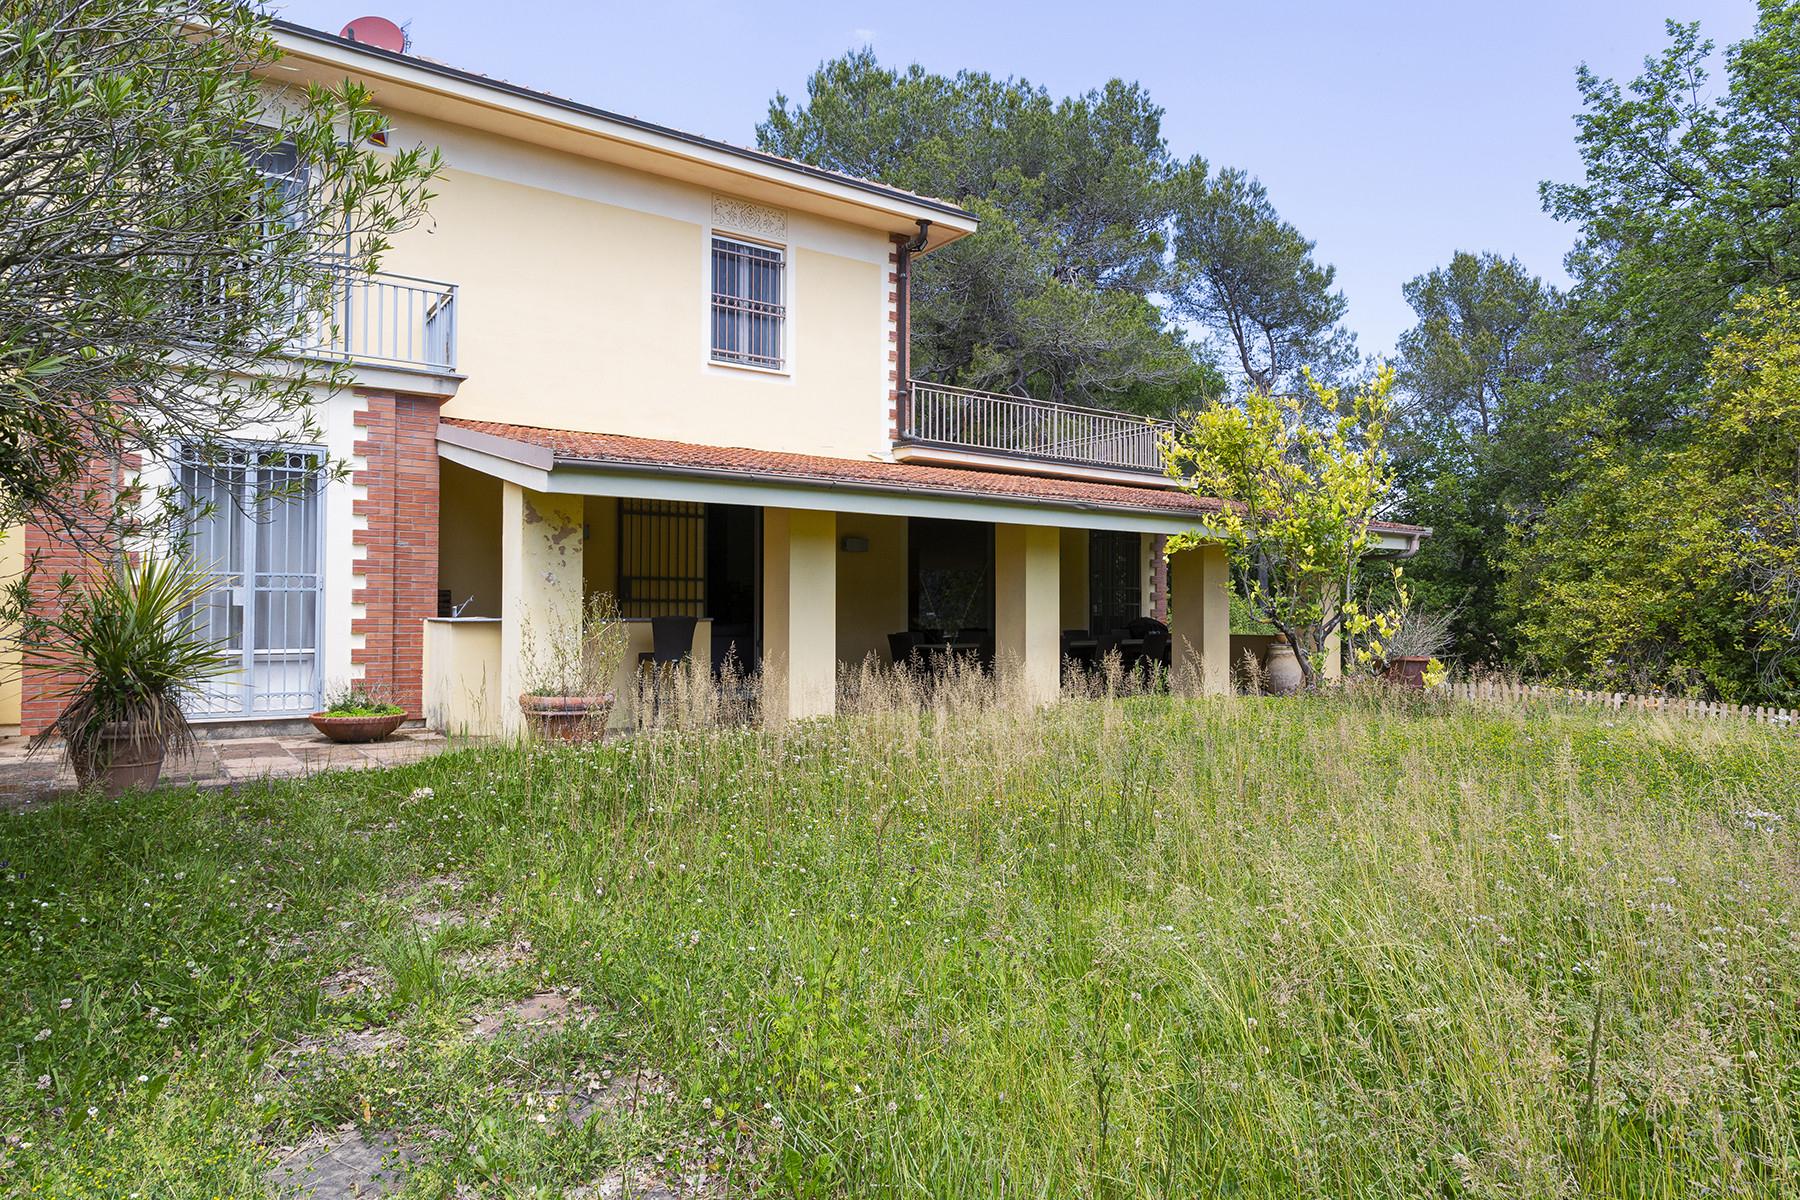 Villa in Vendita a Garlenda: 5 locali, 450 mq - Foto 21